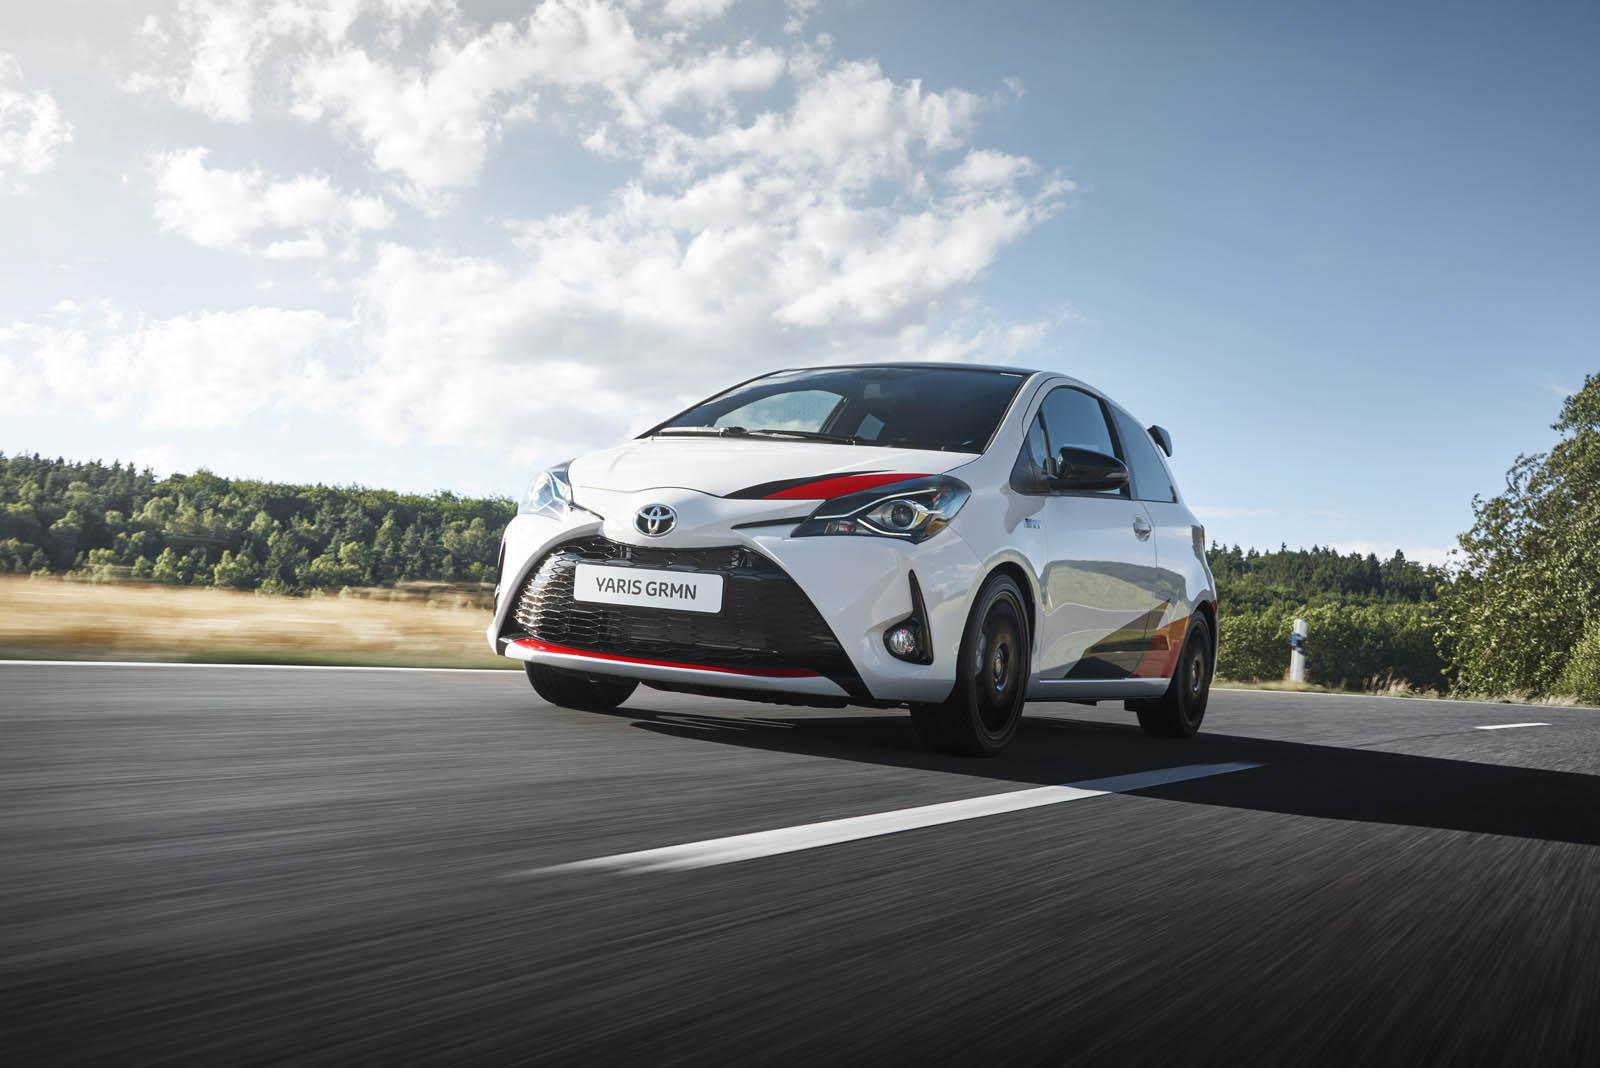 Toyota Yaris GRMN (4)